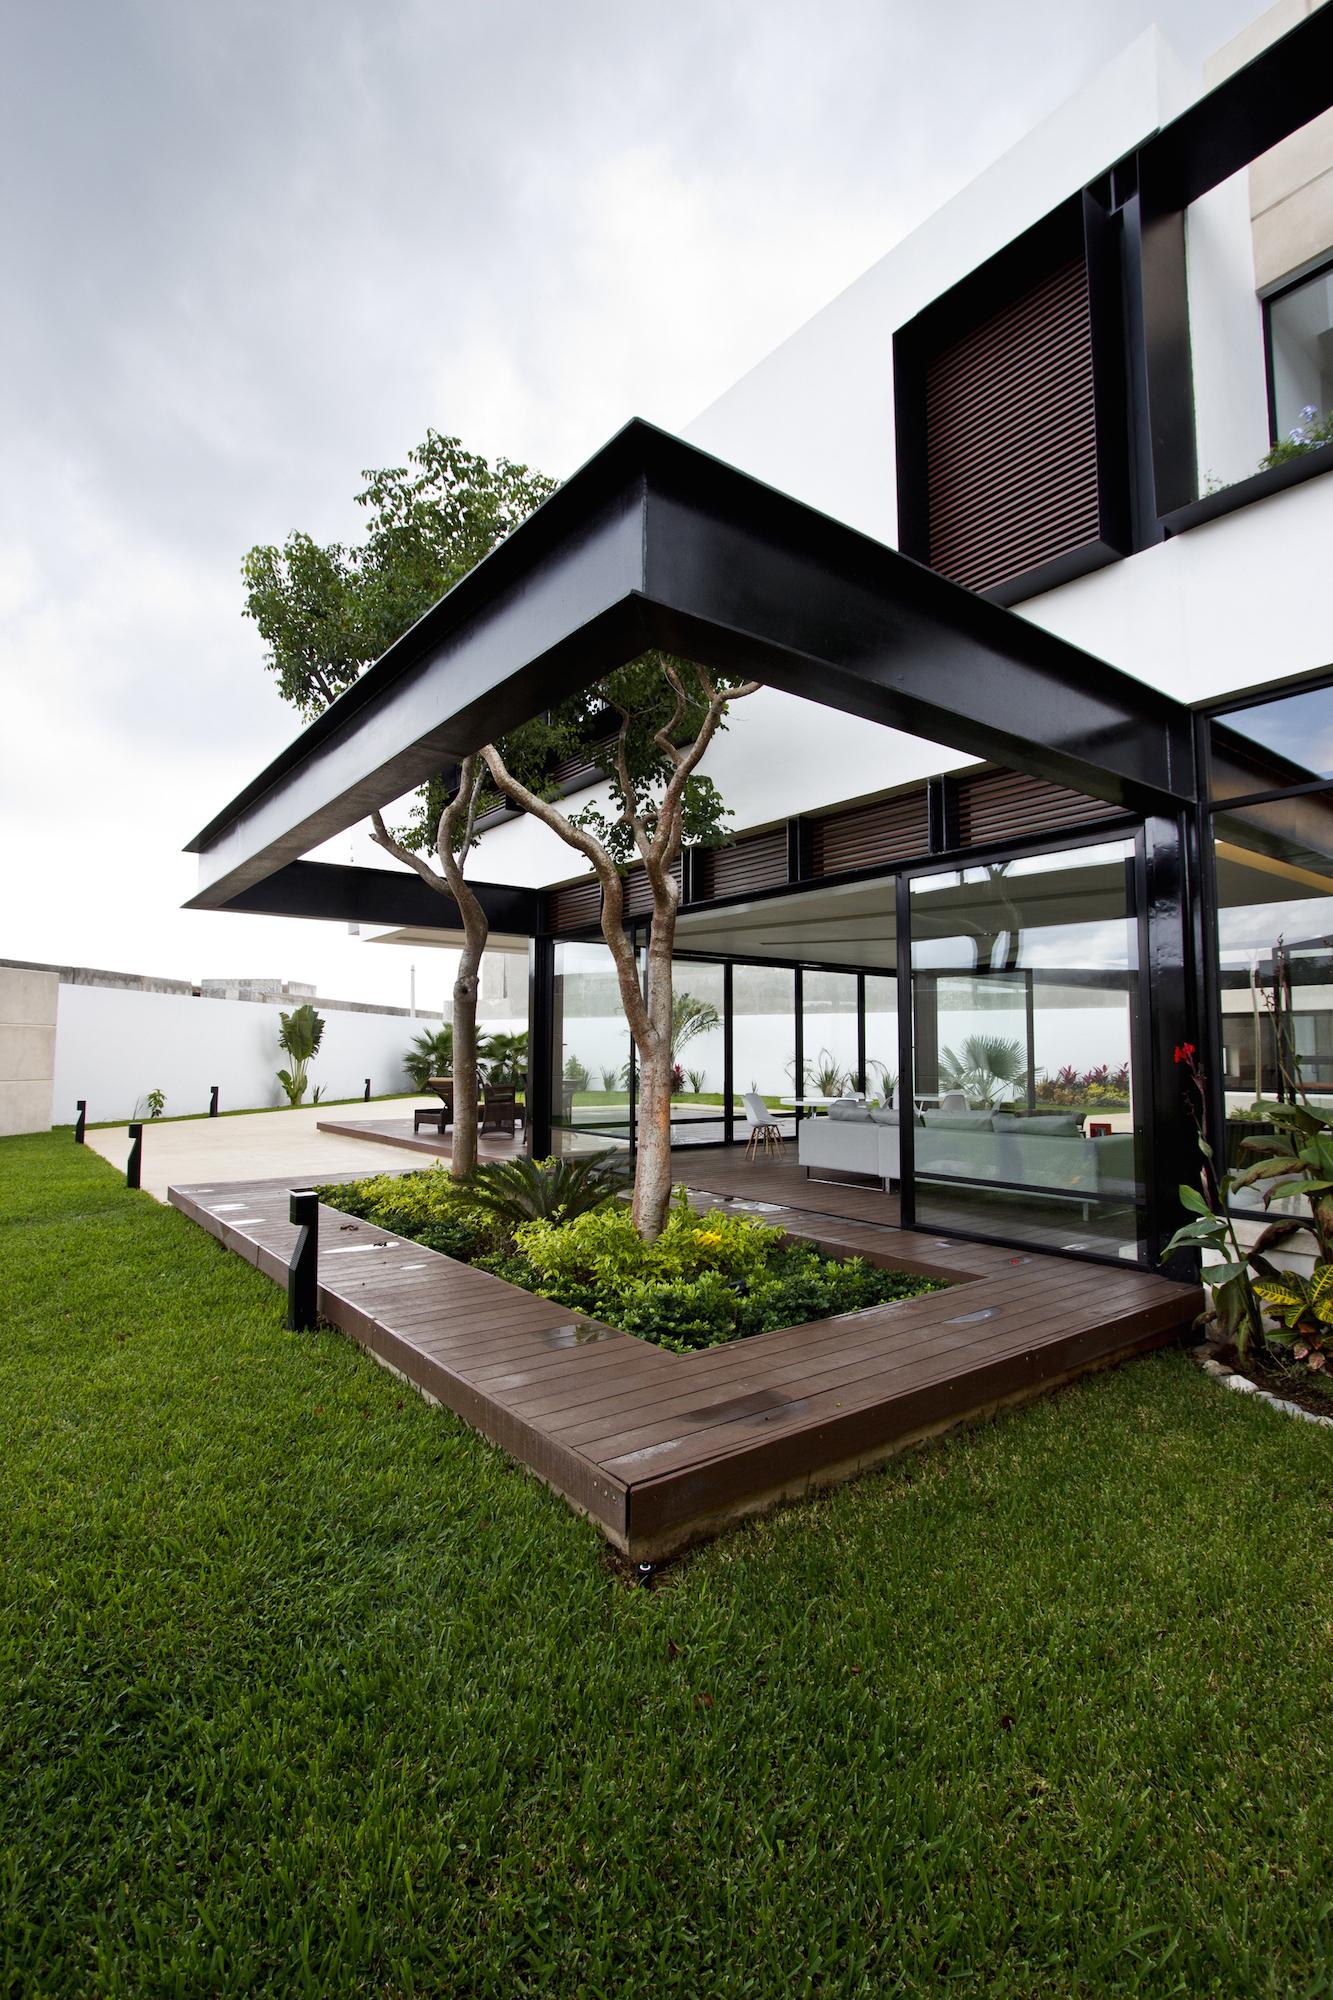 5305f3eae8e44e2ac3000007_temozon-house-carrillo-arquitectos-y-asociados_temozon_foto_05